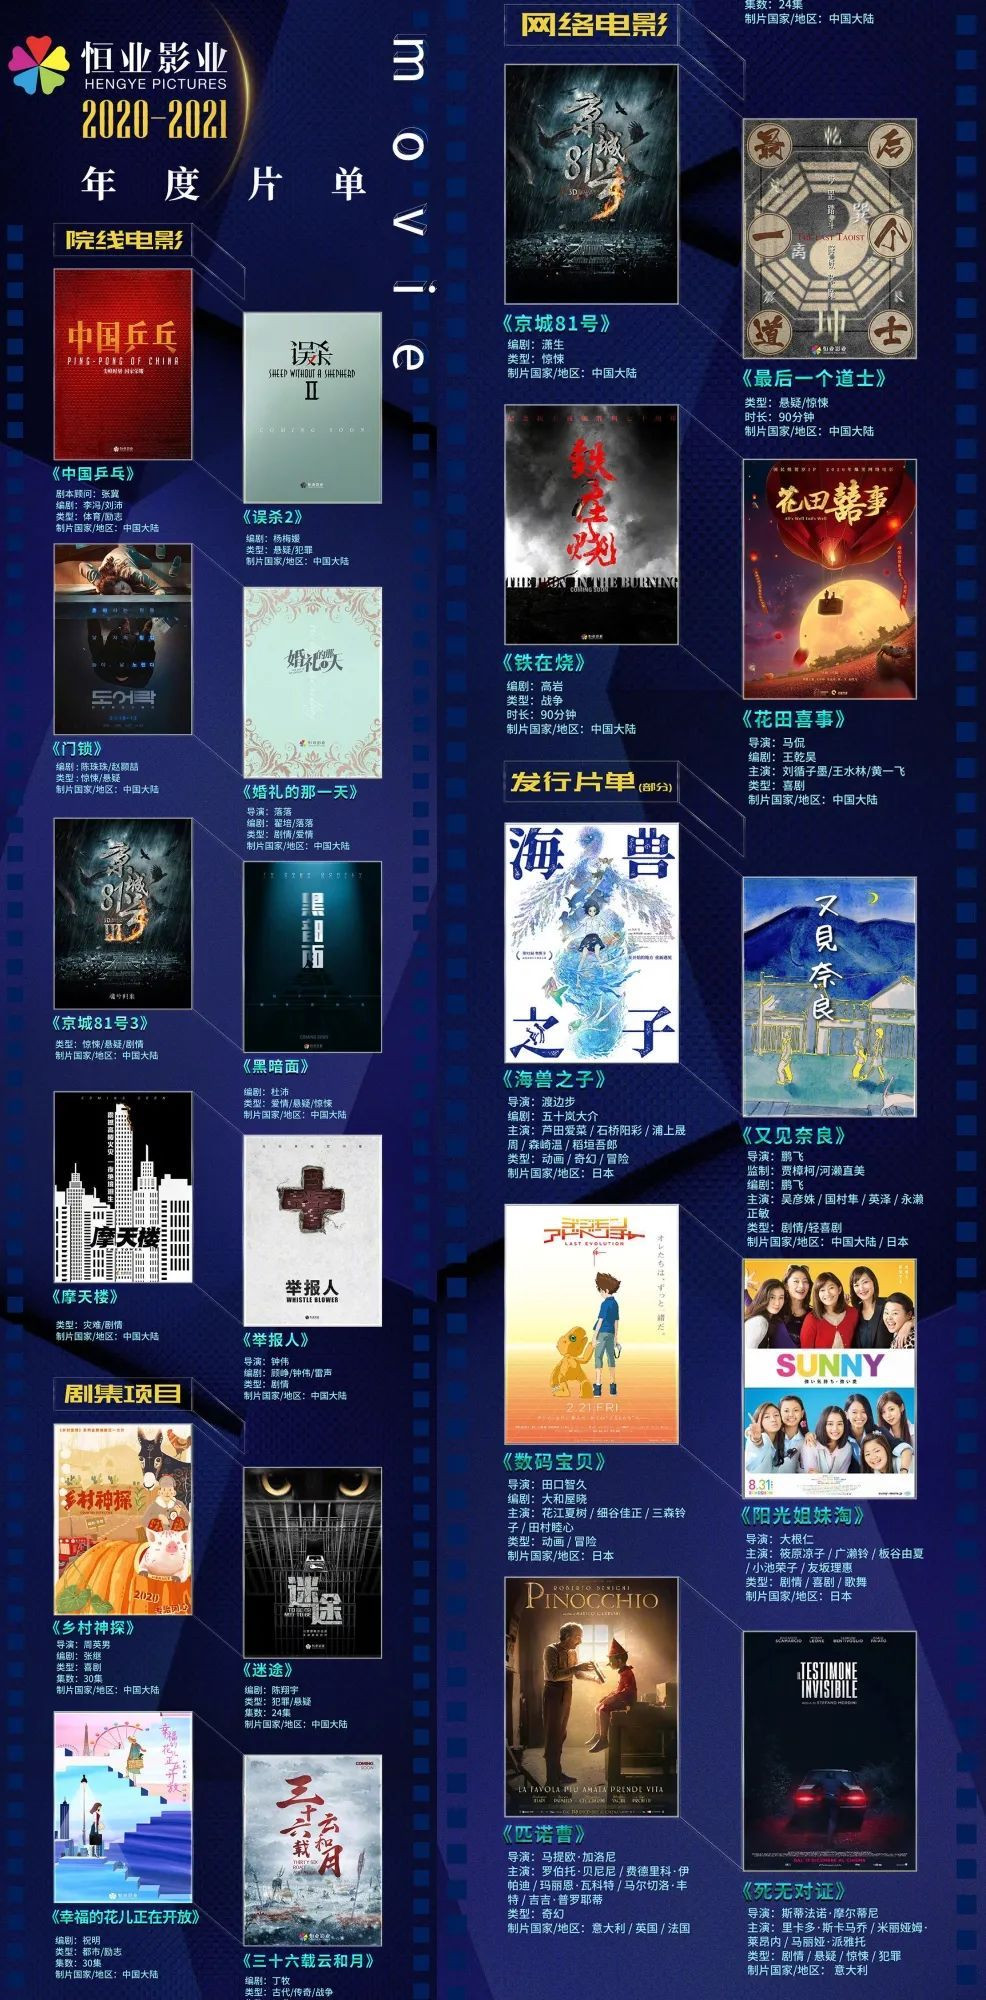 Hengye (恒业影业) 2020 2021 official film list